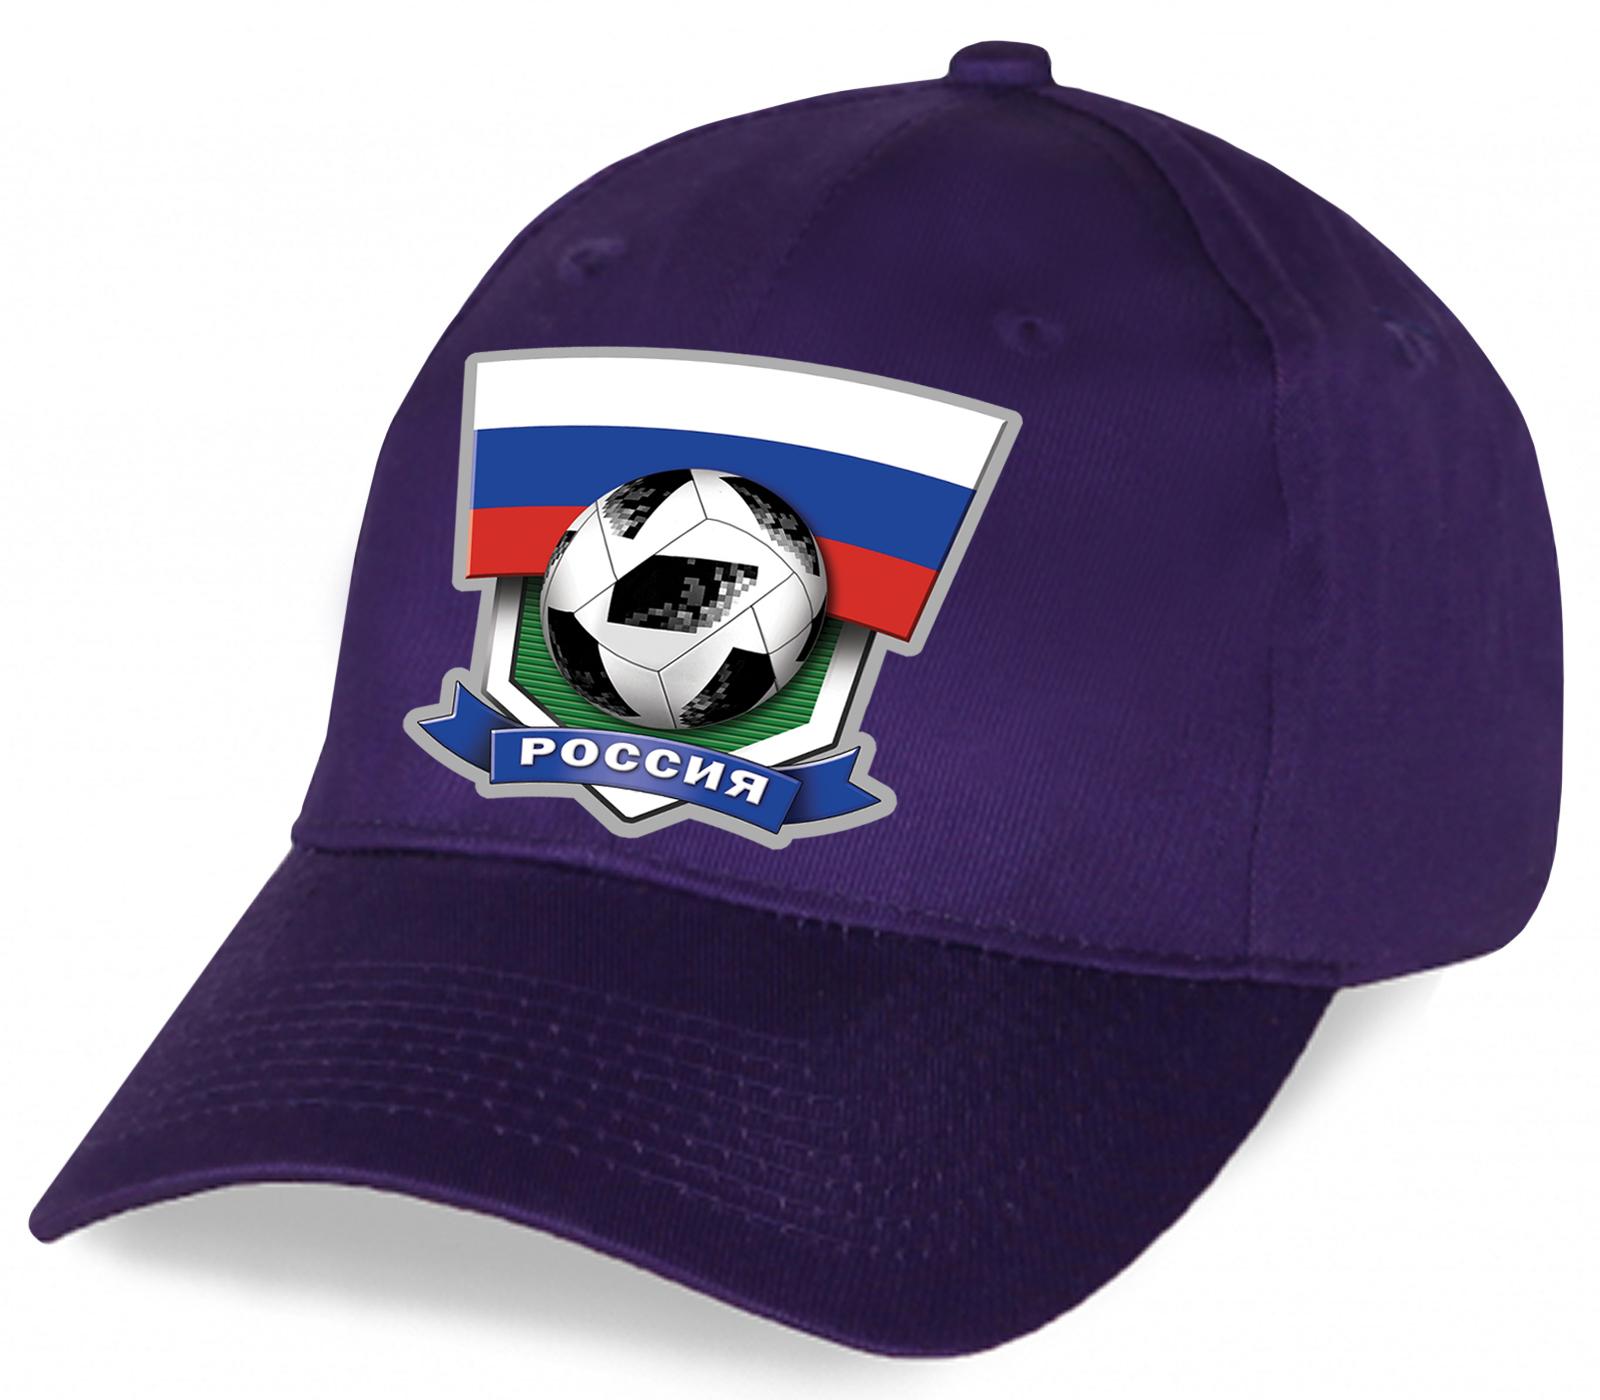 Фиолетовая фанатская бейсболка Россия